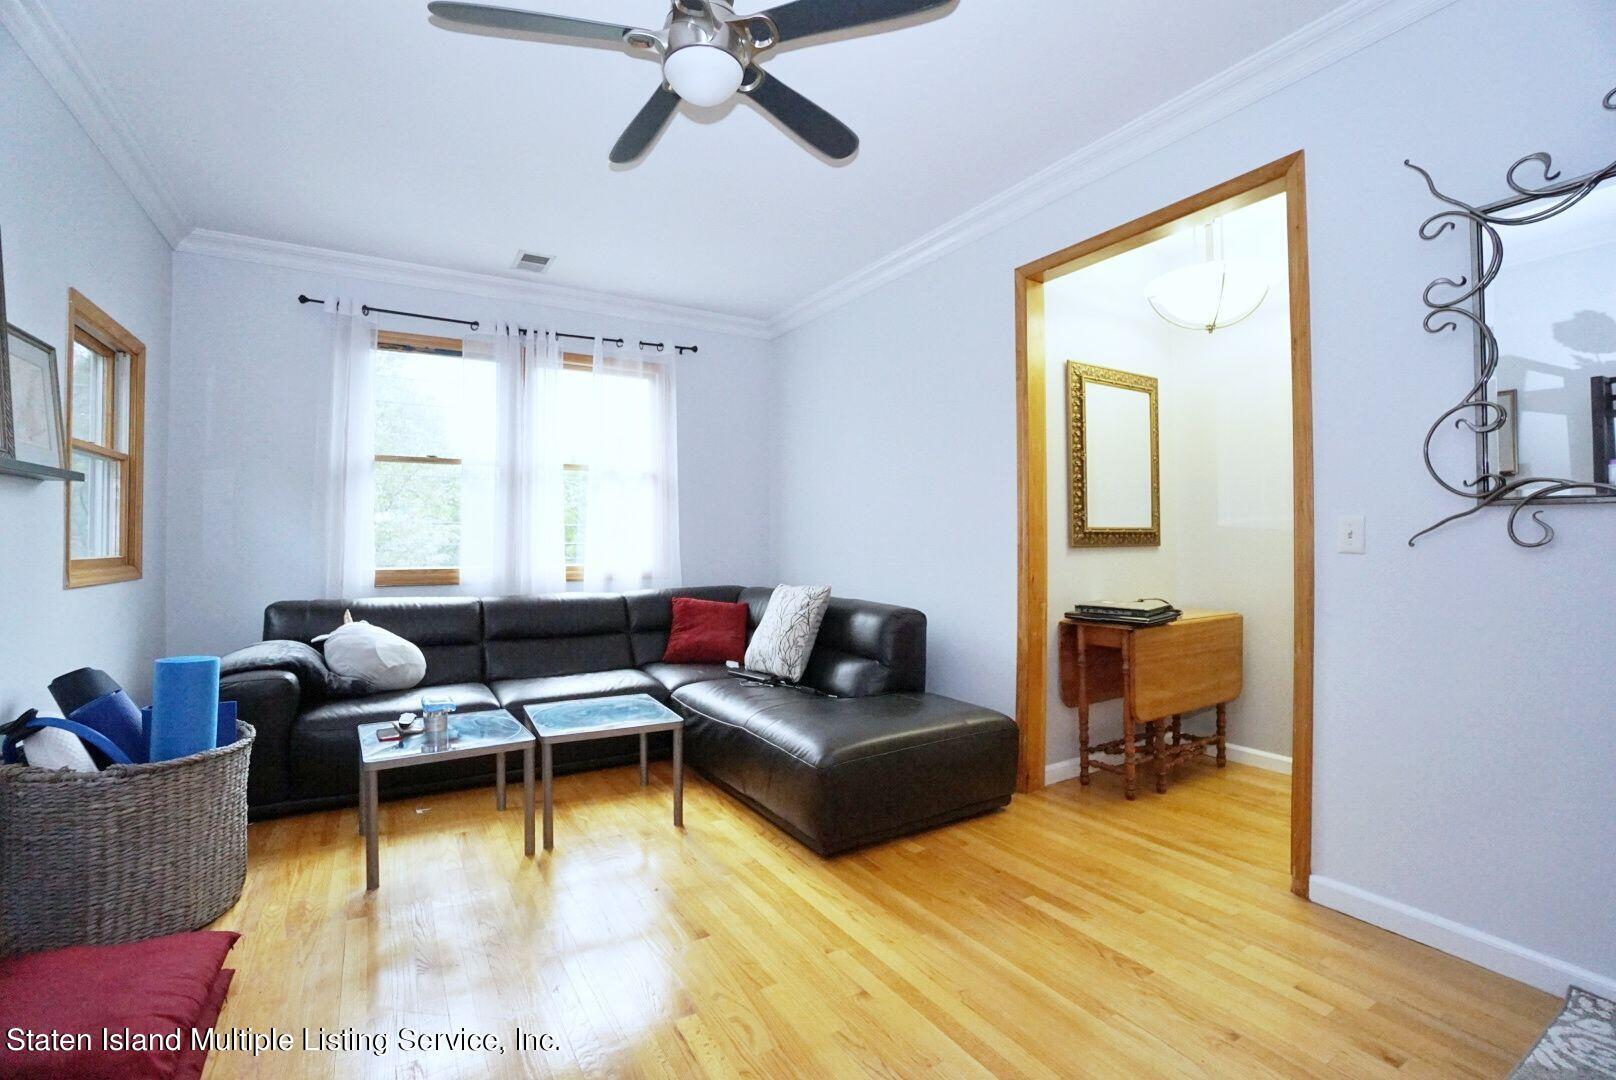 Single Family - Detached 311 Sharrott Avenue  Staten Island, NY 10309, MLS-1146042-28